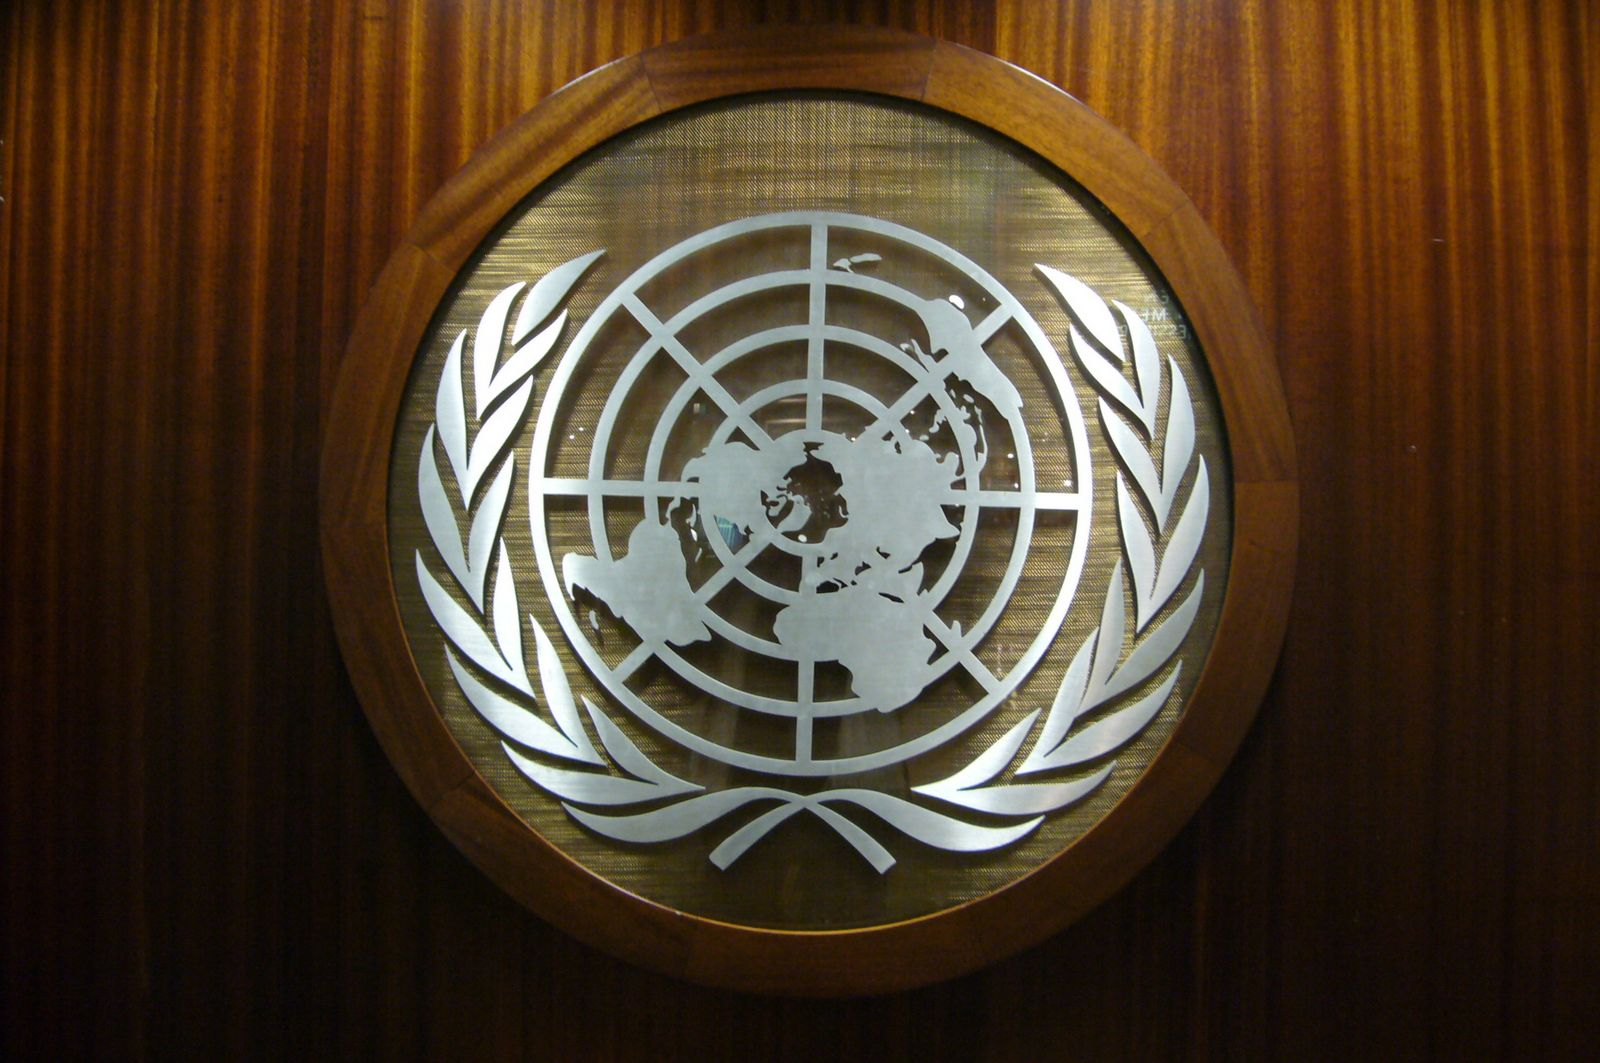 Malestar en Gobierno argentino por actitud de la relatora especial de las Naciones Unidas